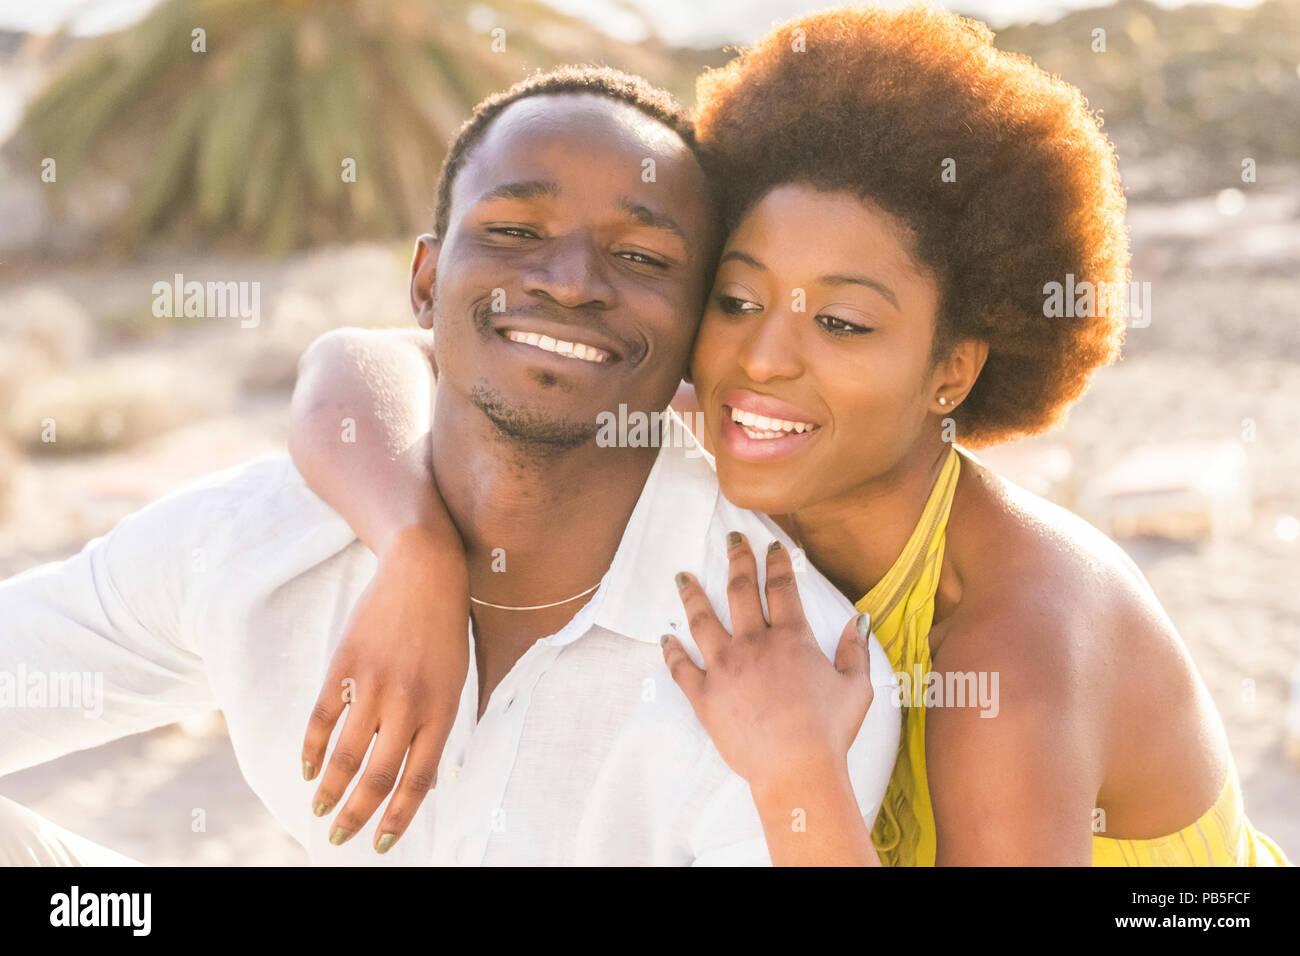 Hermosa raza negra africana feliz pareja en el amor o la amistad permanecer caminando juntos abrazados con grandes smilies bajo el sol del verano en vaca Imagen De Stock